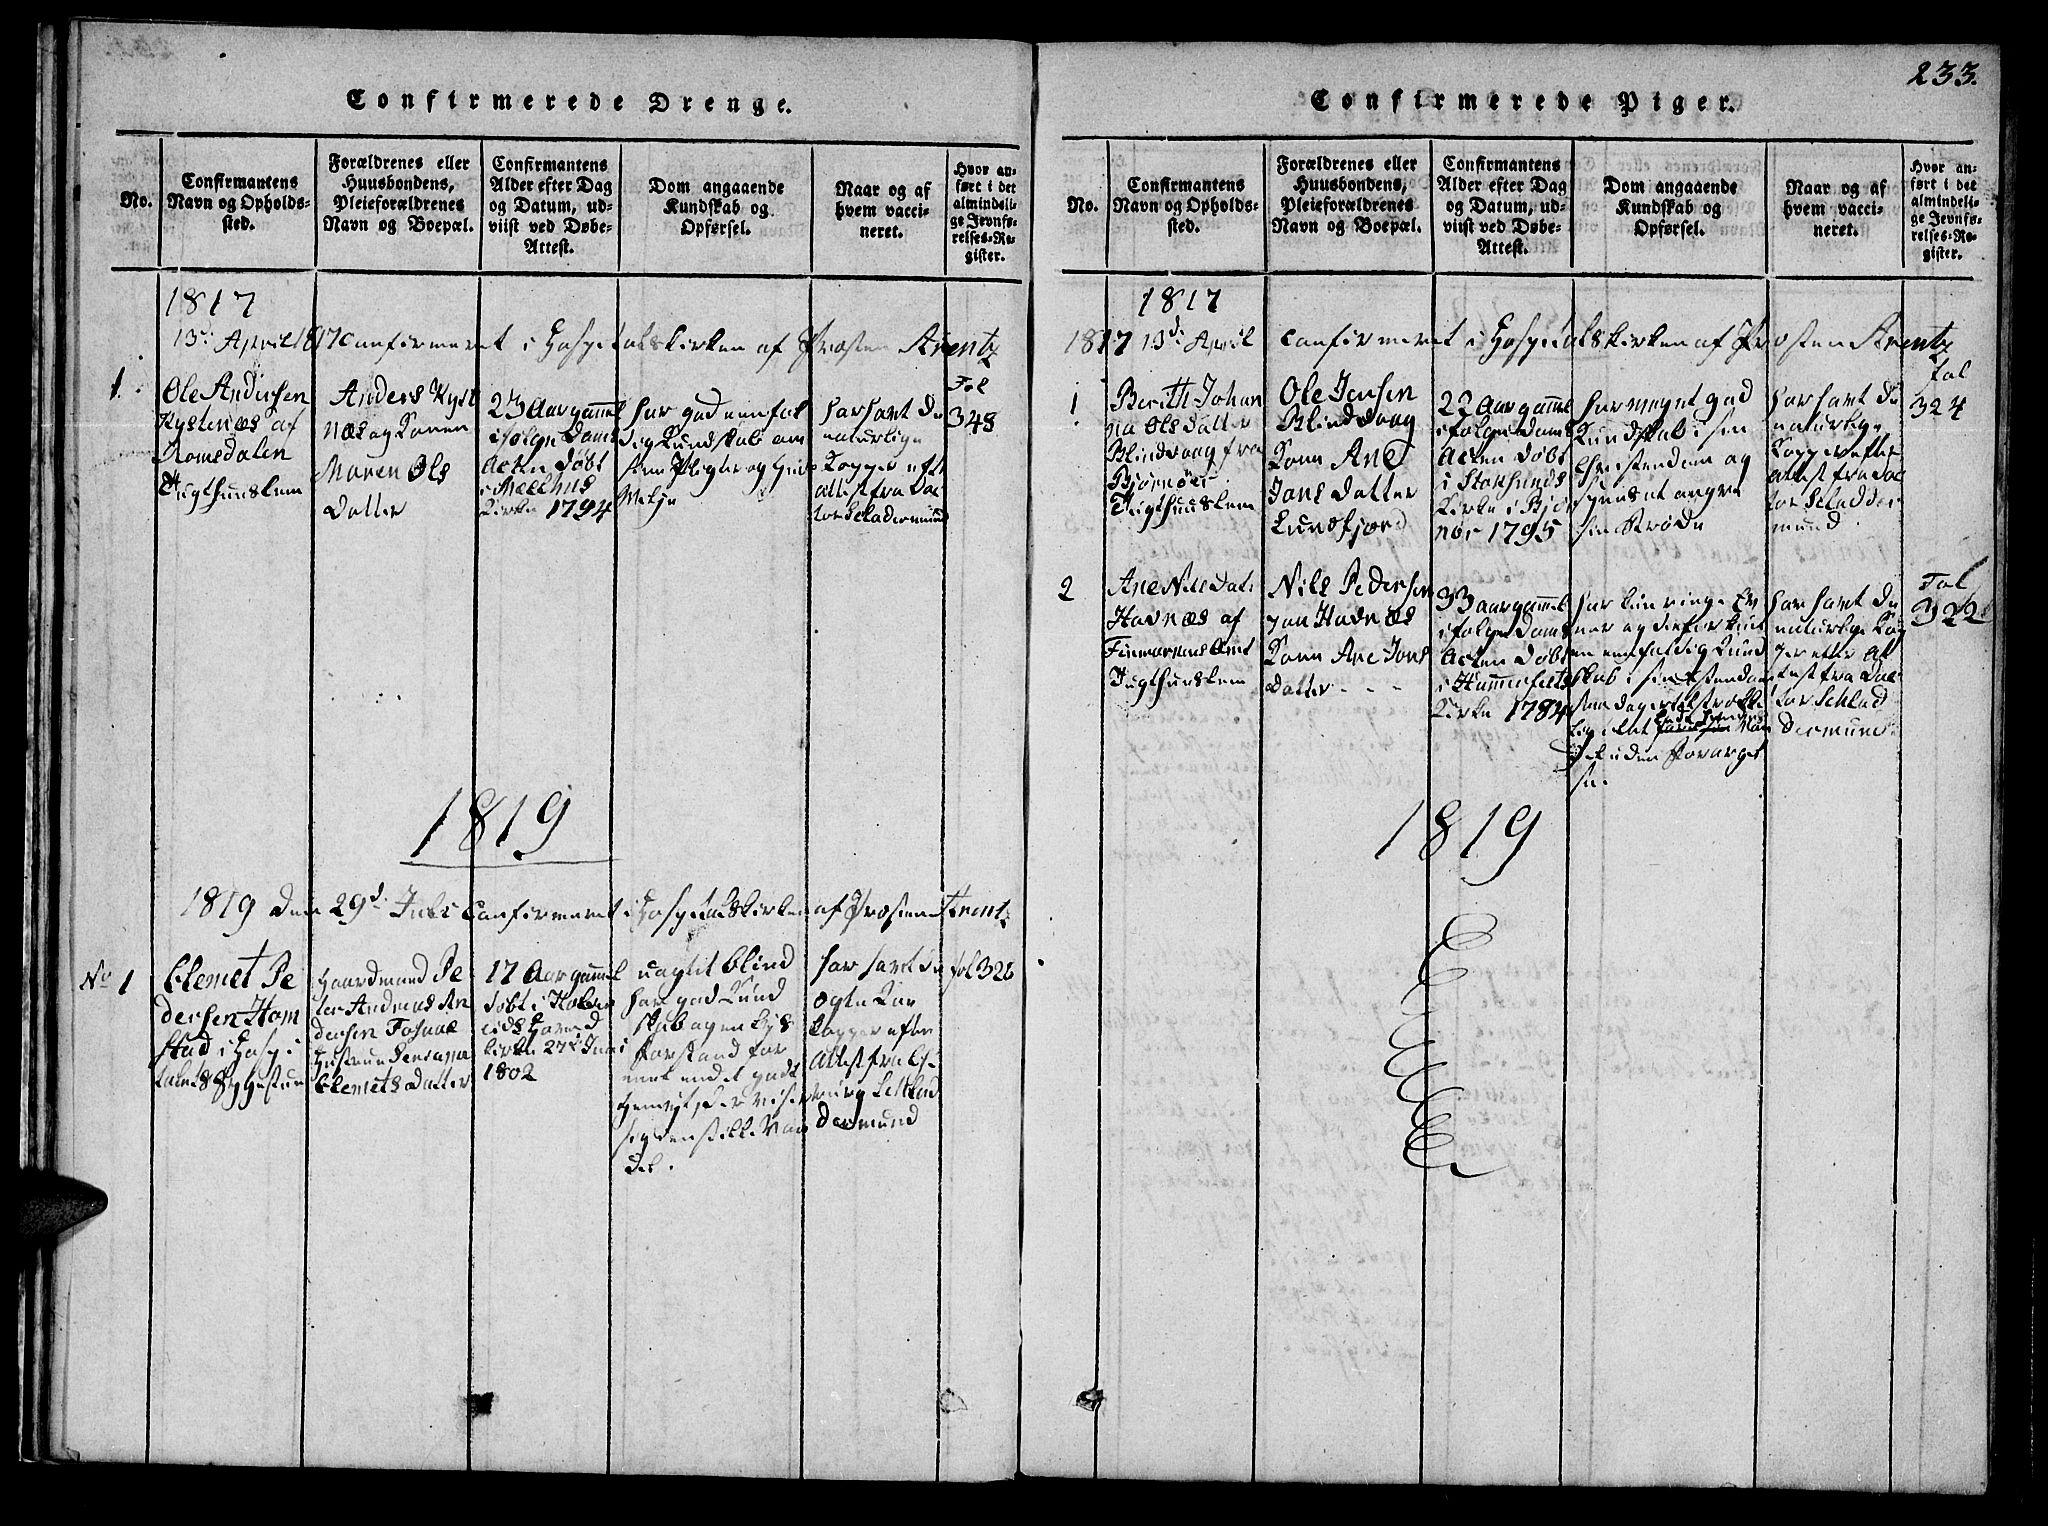 SAT, Ministerialprotokoller, klokkerbøker og fødselsregistre - Sør-Trøndelag, 623/L0467: Ministerialbok nr. 623A01, 1815-1825, s. 233